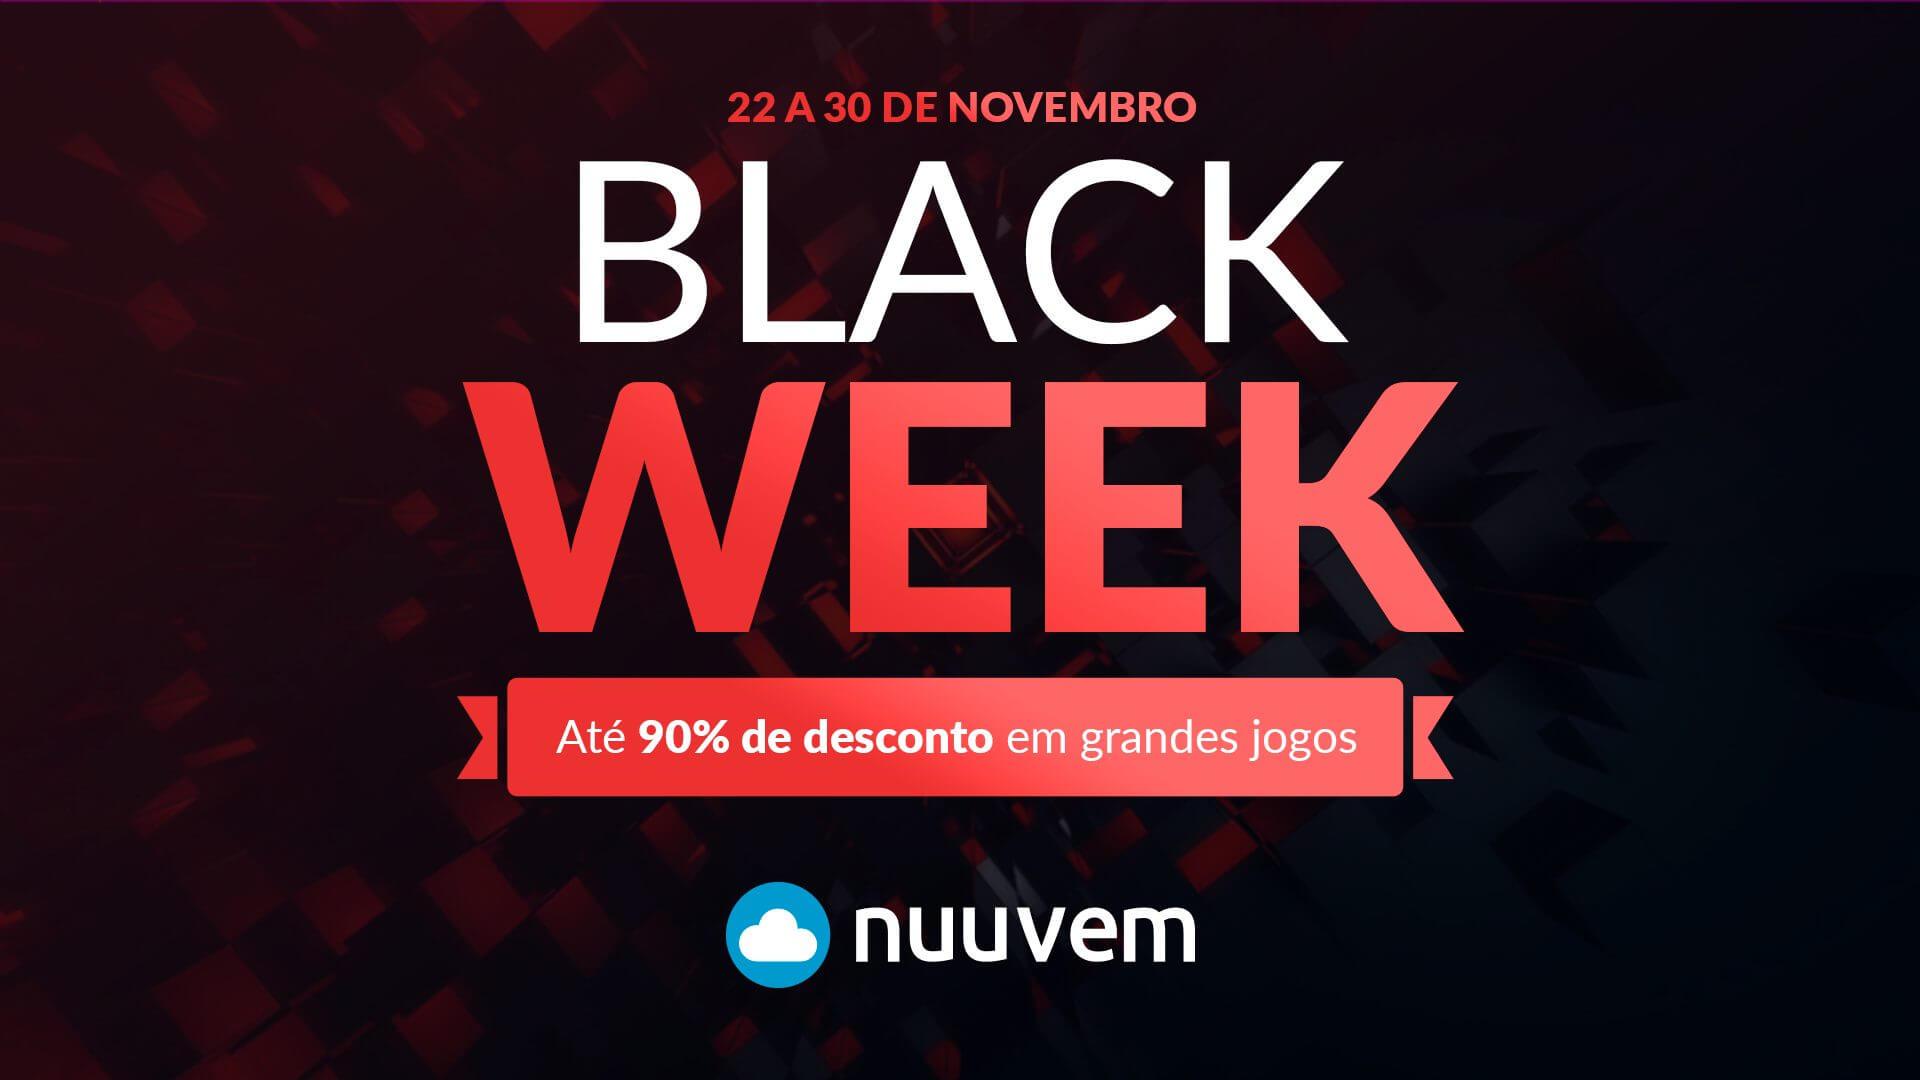 Black Week da Nuuvem conta com mais de 1.500 jogos com até 90% de desconto e sorteio de prêmios